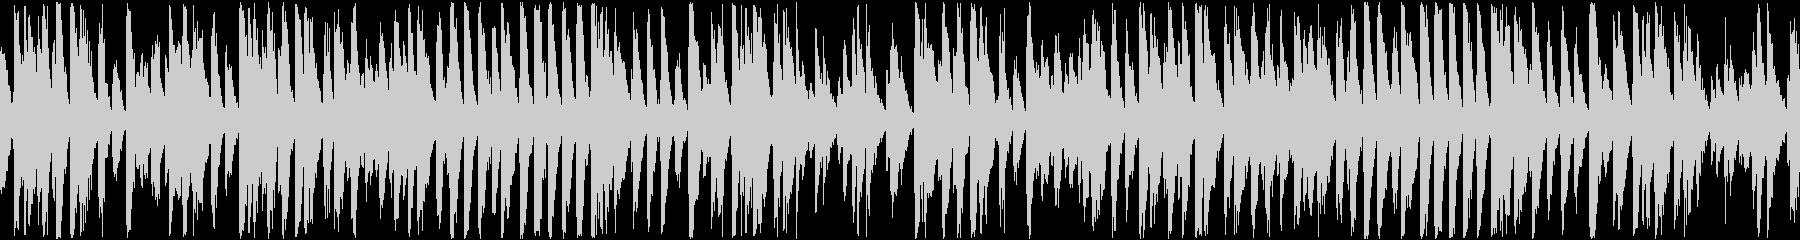 かわいいコミカルなラグタイム(ループ)の未再生の波形